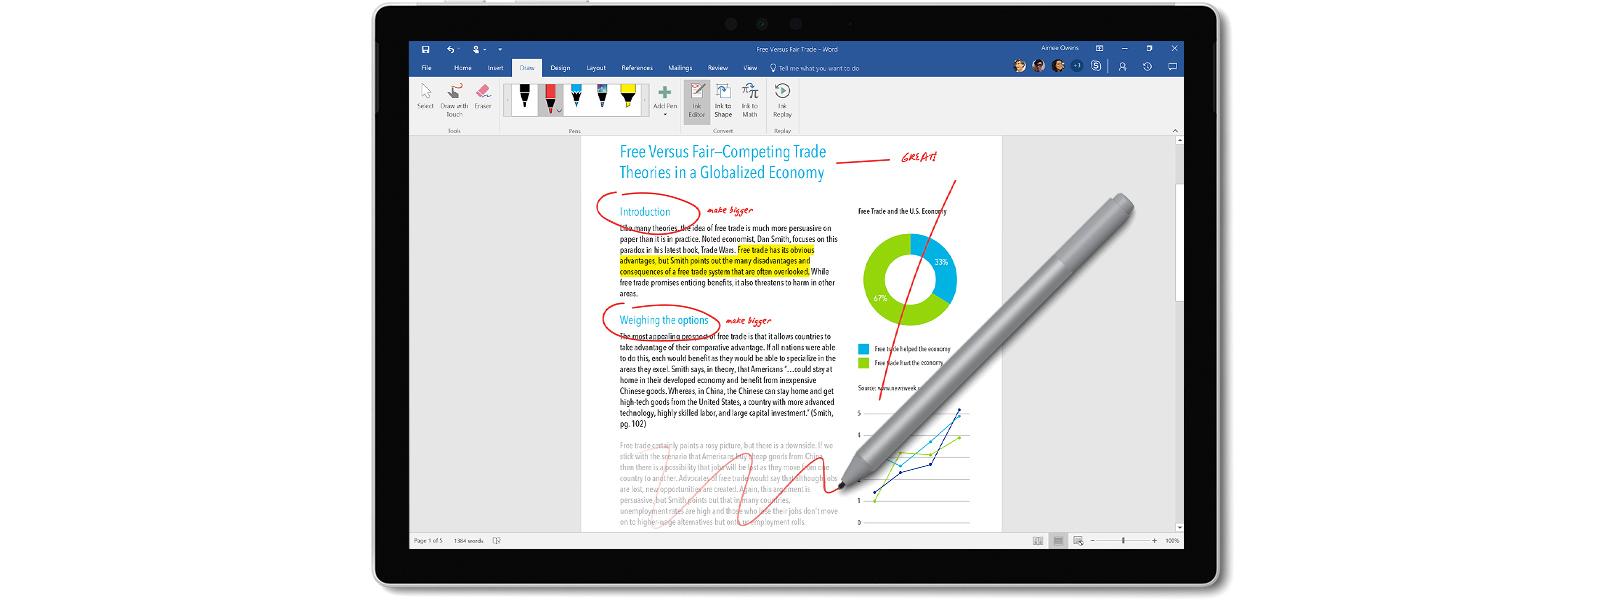 Skærmbillede af Surface Pen, der redigerer en side, med kommentarer, fremhævning, gennemstregning og cirkel rundt om markeret tekst.